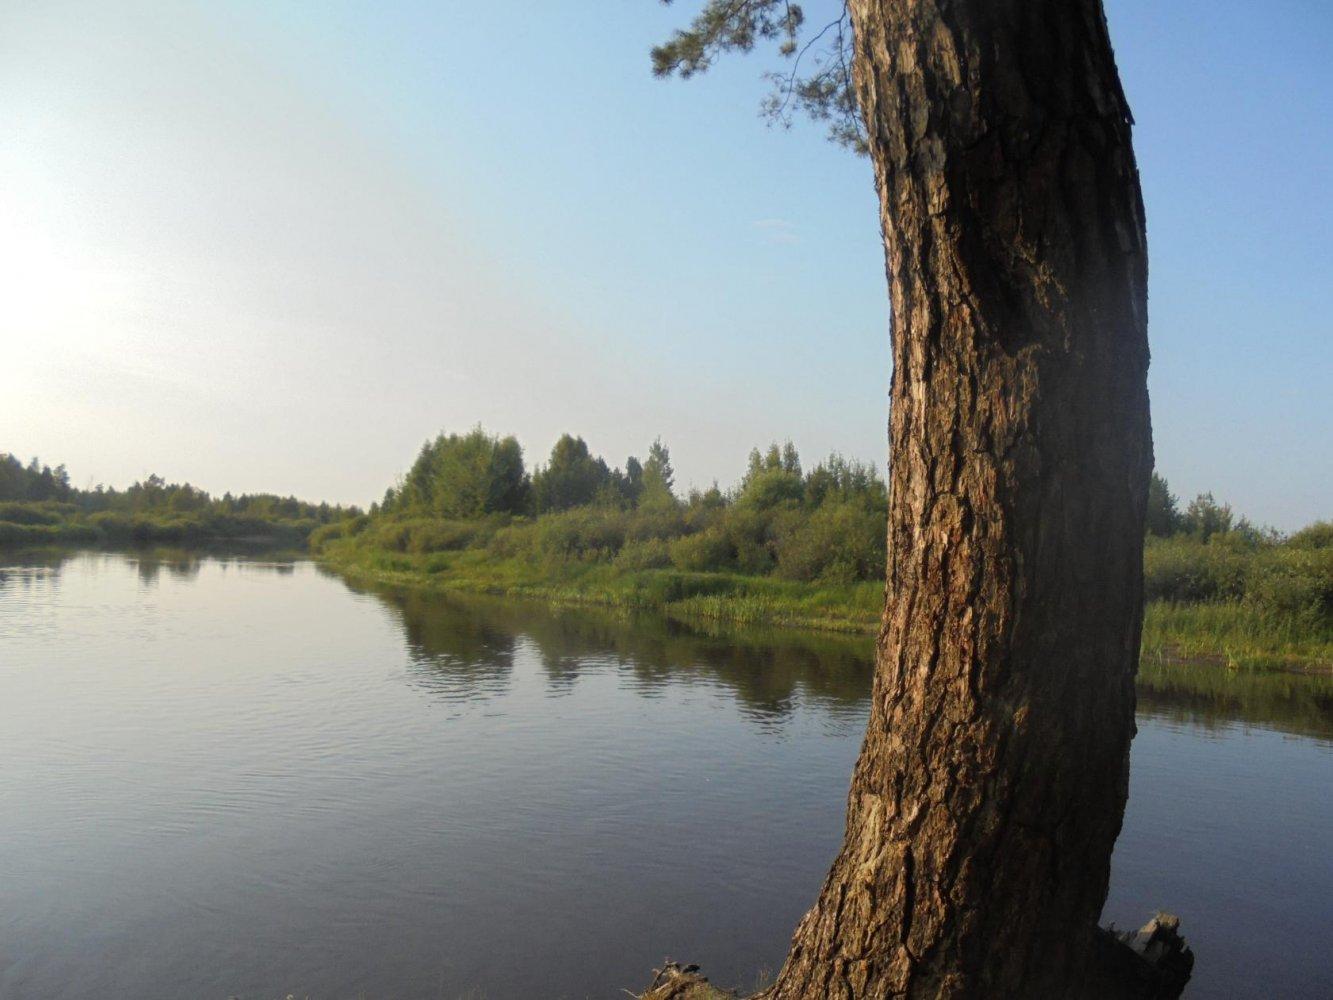 Фото р.Пра.с.Ялмонть.jpg. Россия, Рязанская область, Ялмонть, Unnamed Road